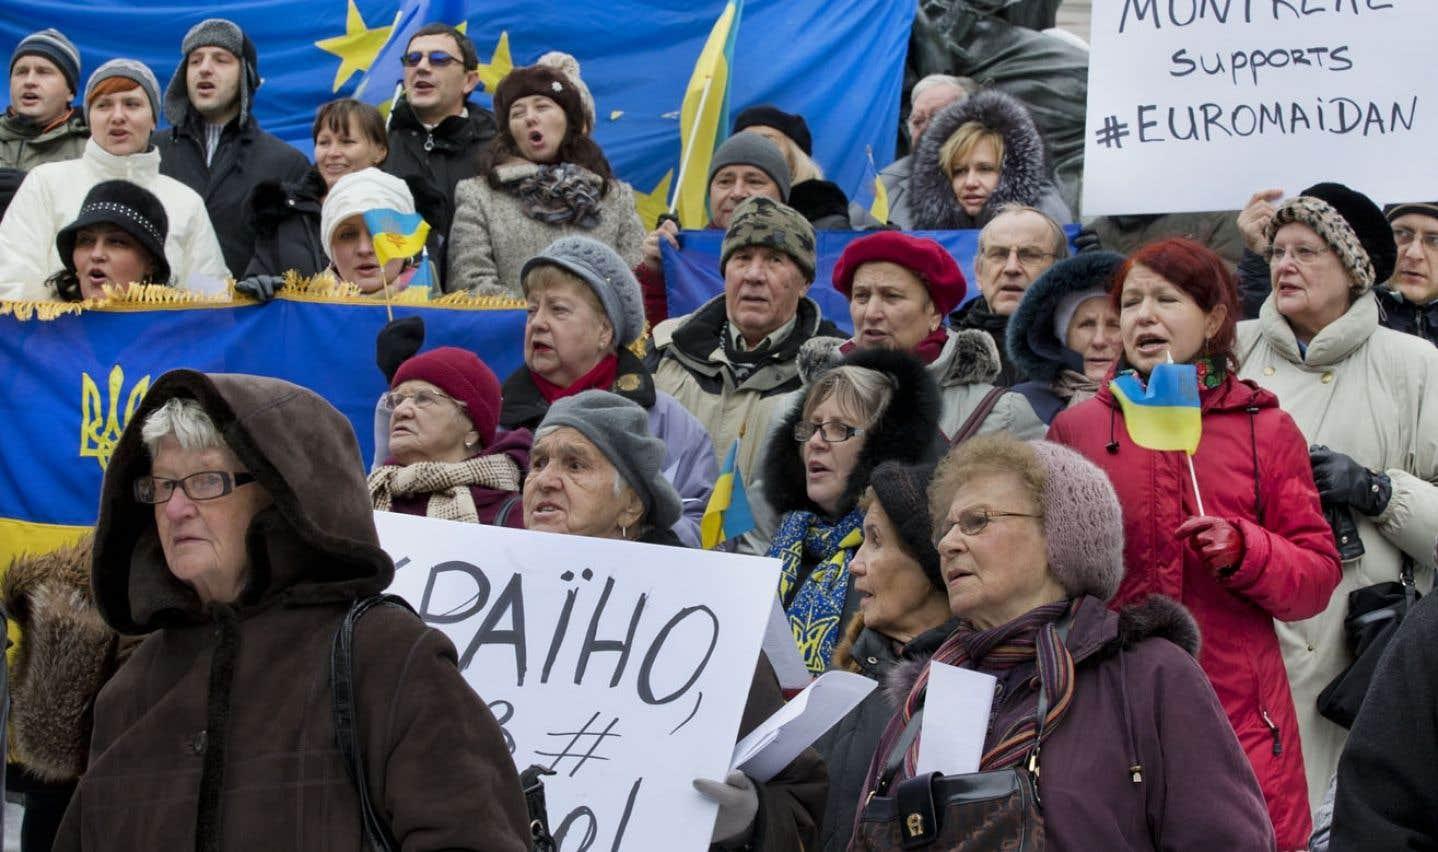 La communauté ukrainienne de Montréal solidaire - La colère des Ukrainiens prend de l'ampleur